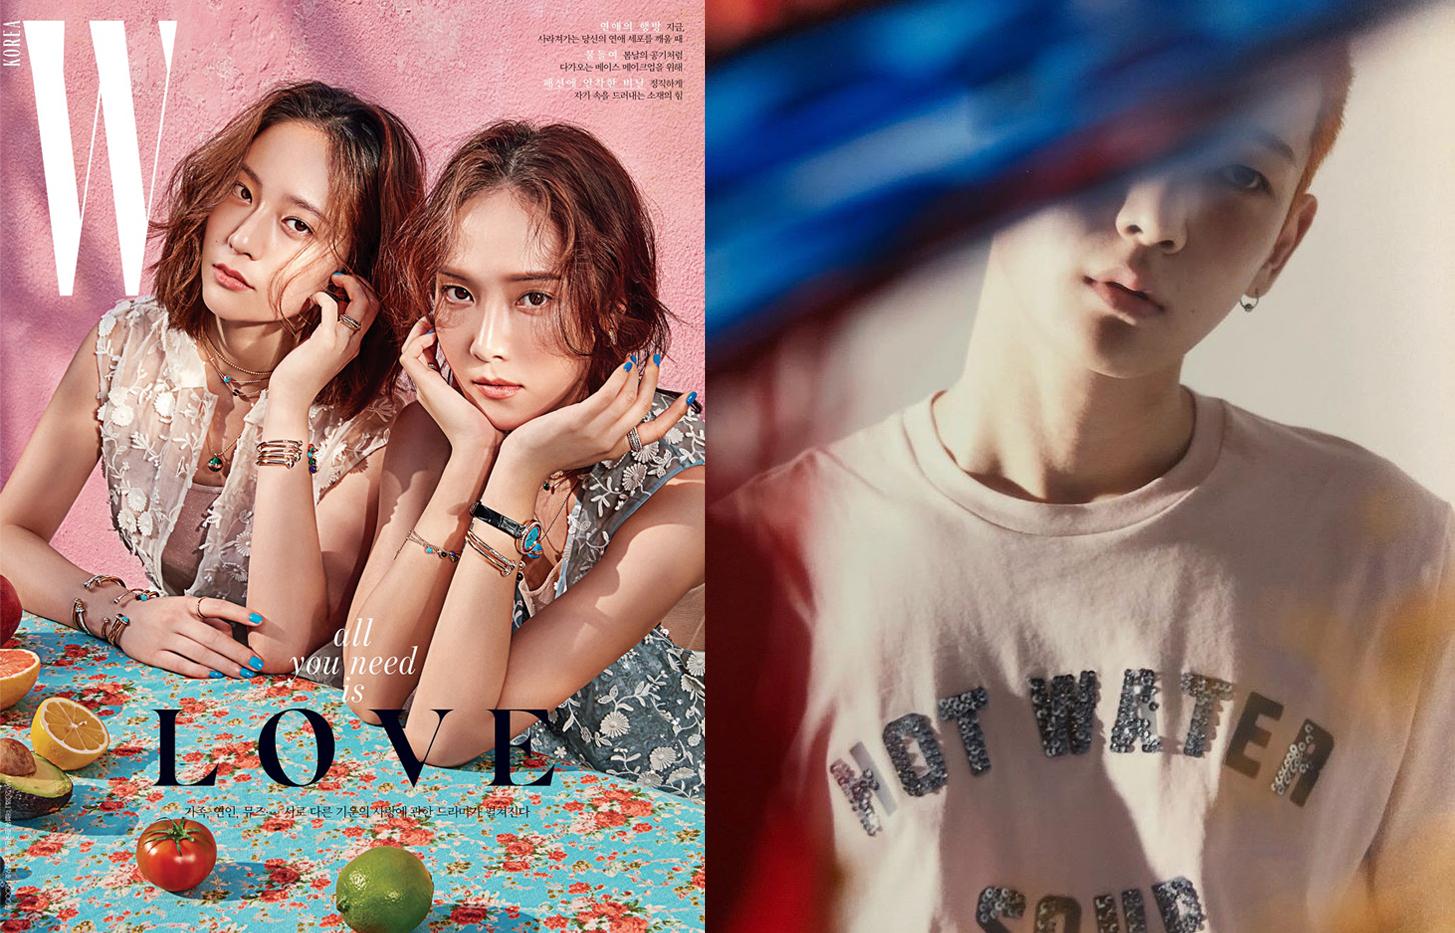 Key: W Korea May 2018 Photoshoot x Coach